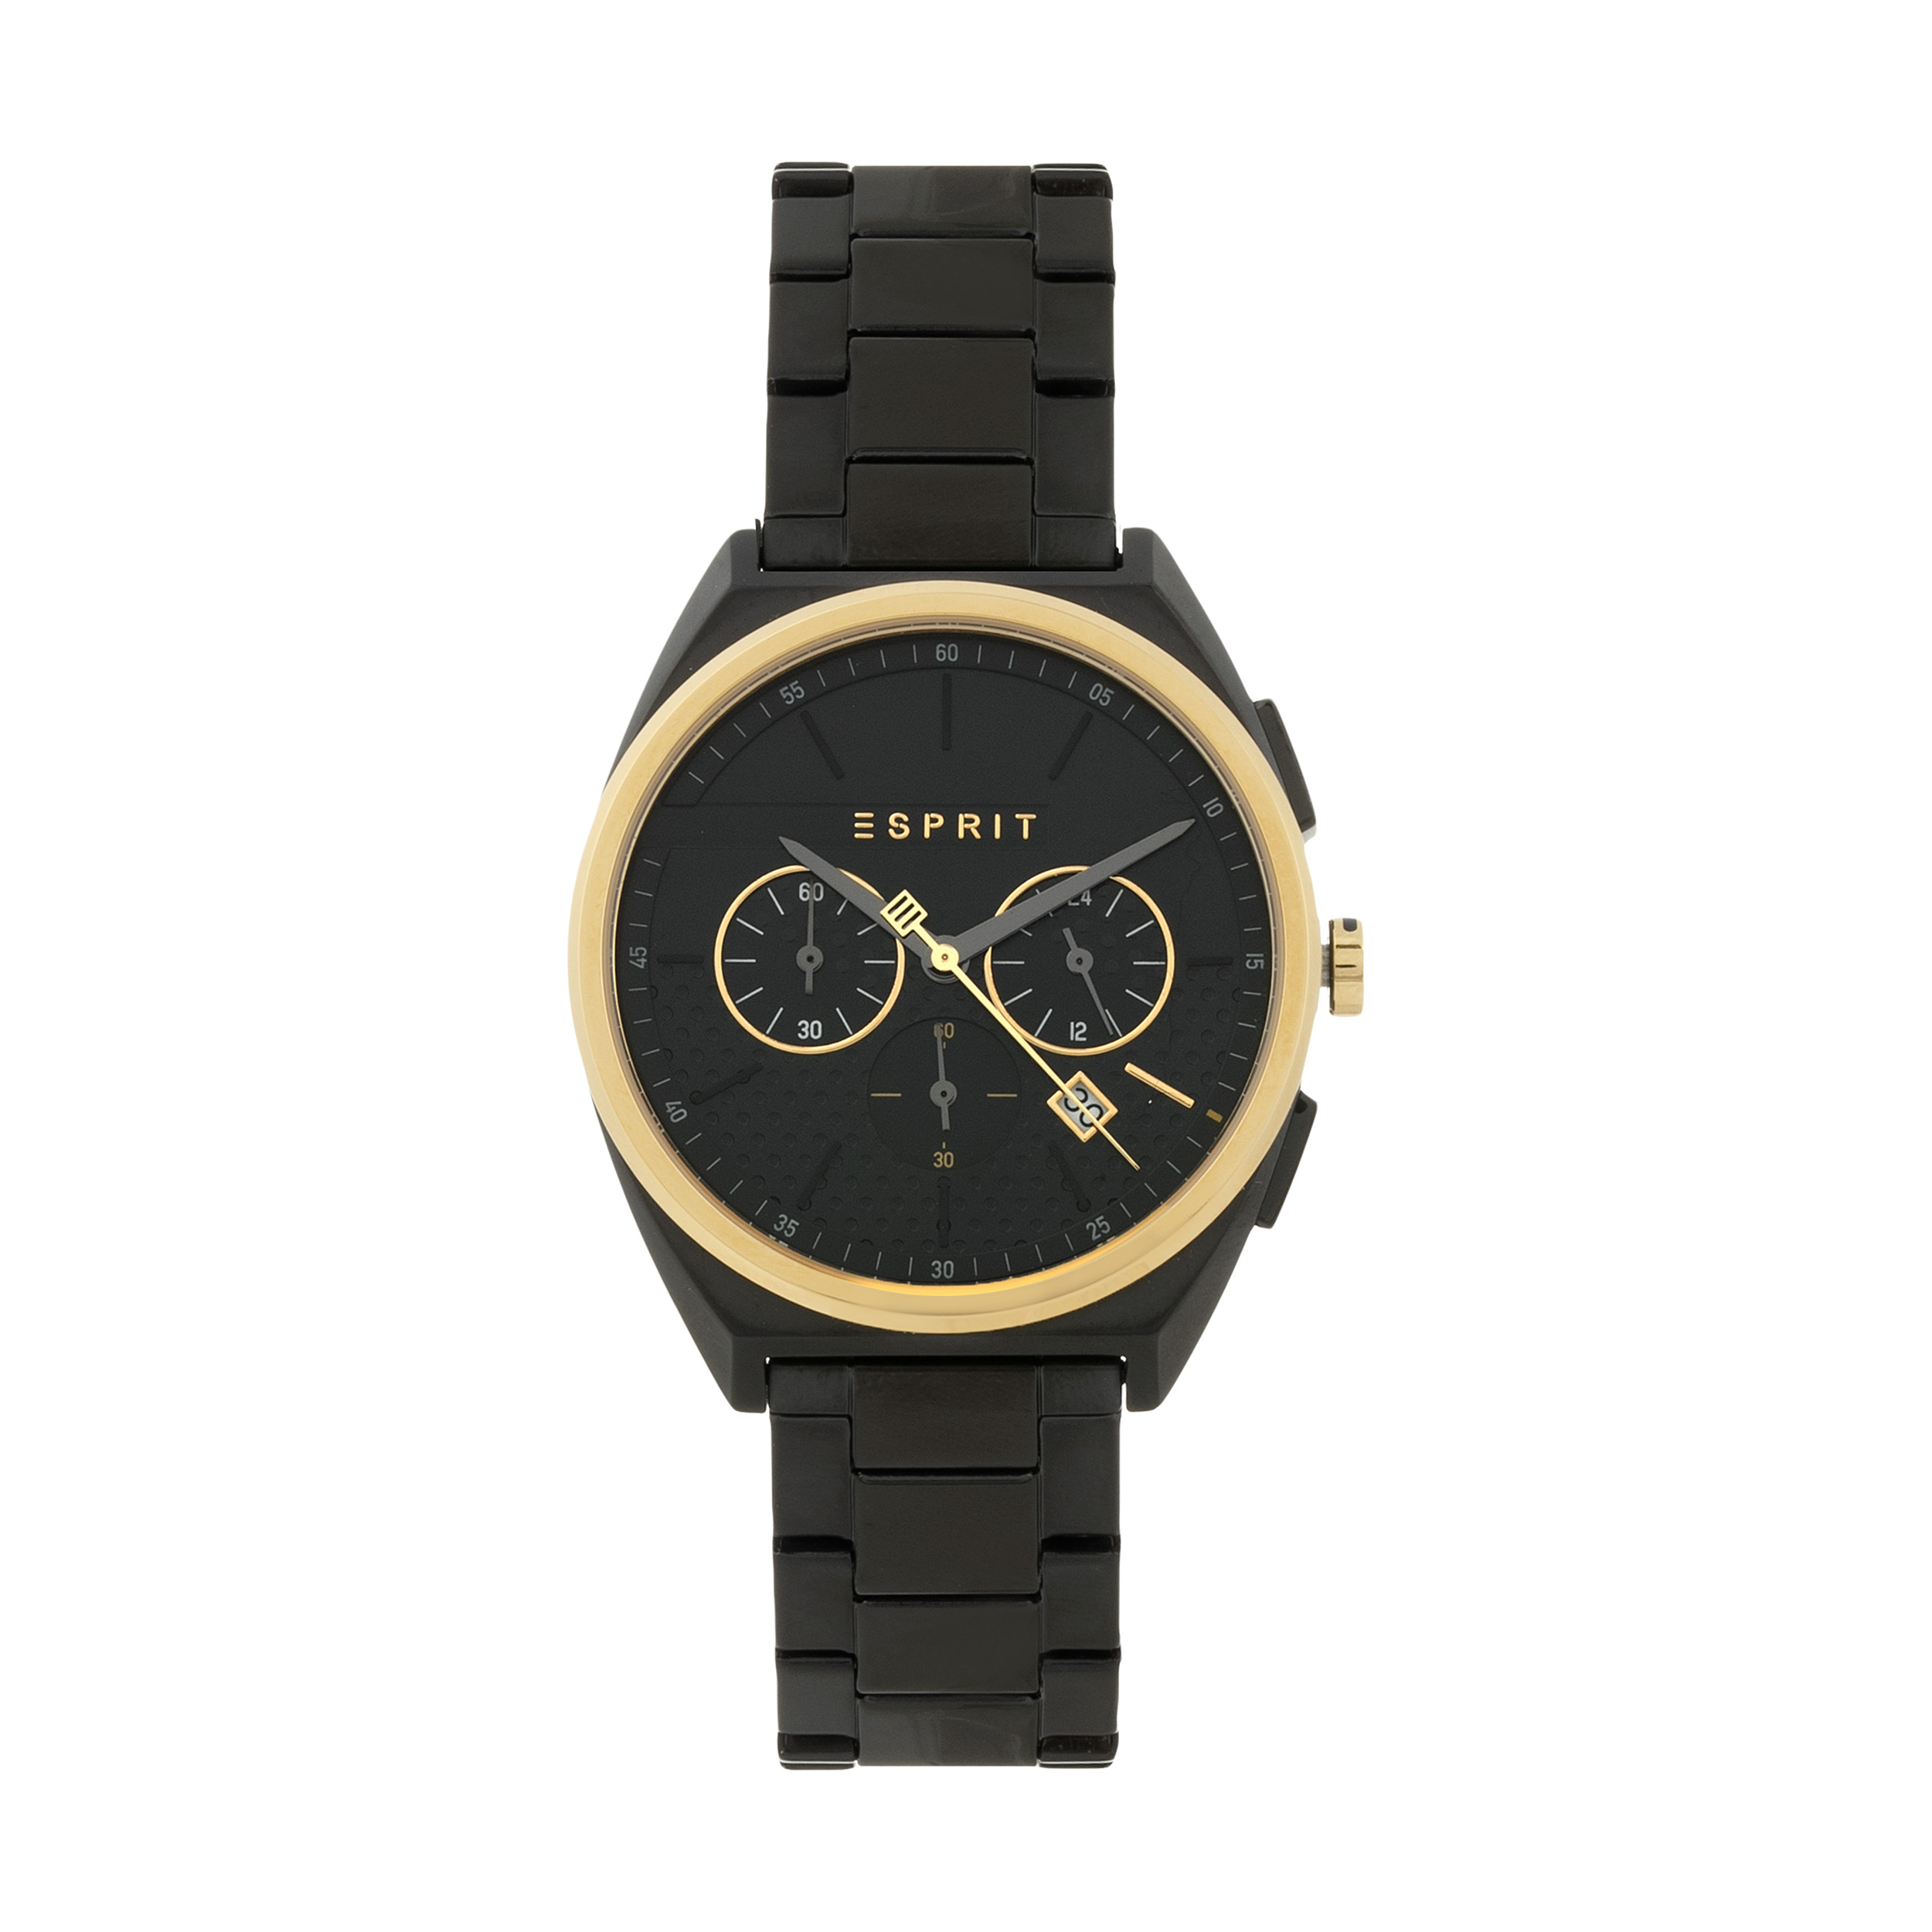 خرید ساعت مچی عقربه ای مردانه اسپریت مدل Es1g062m0085